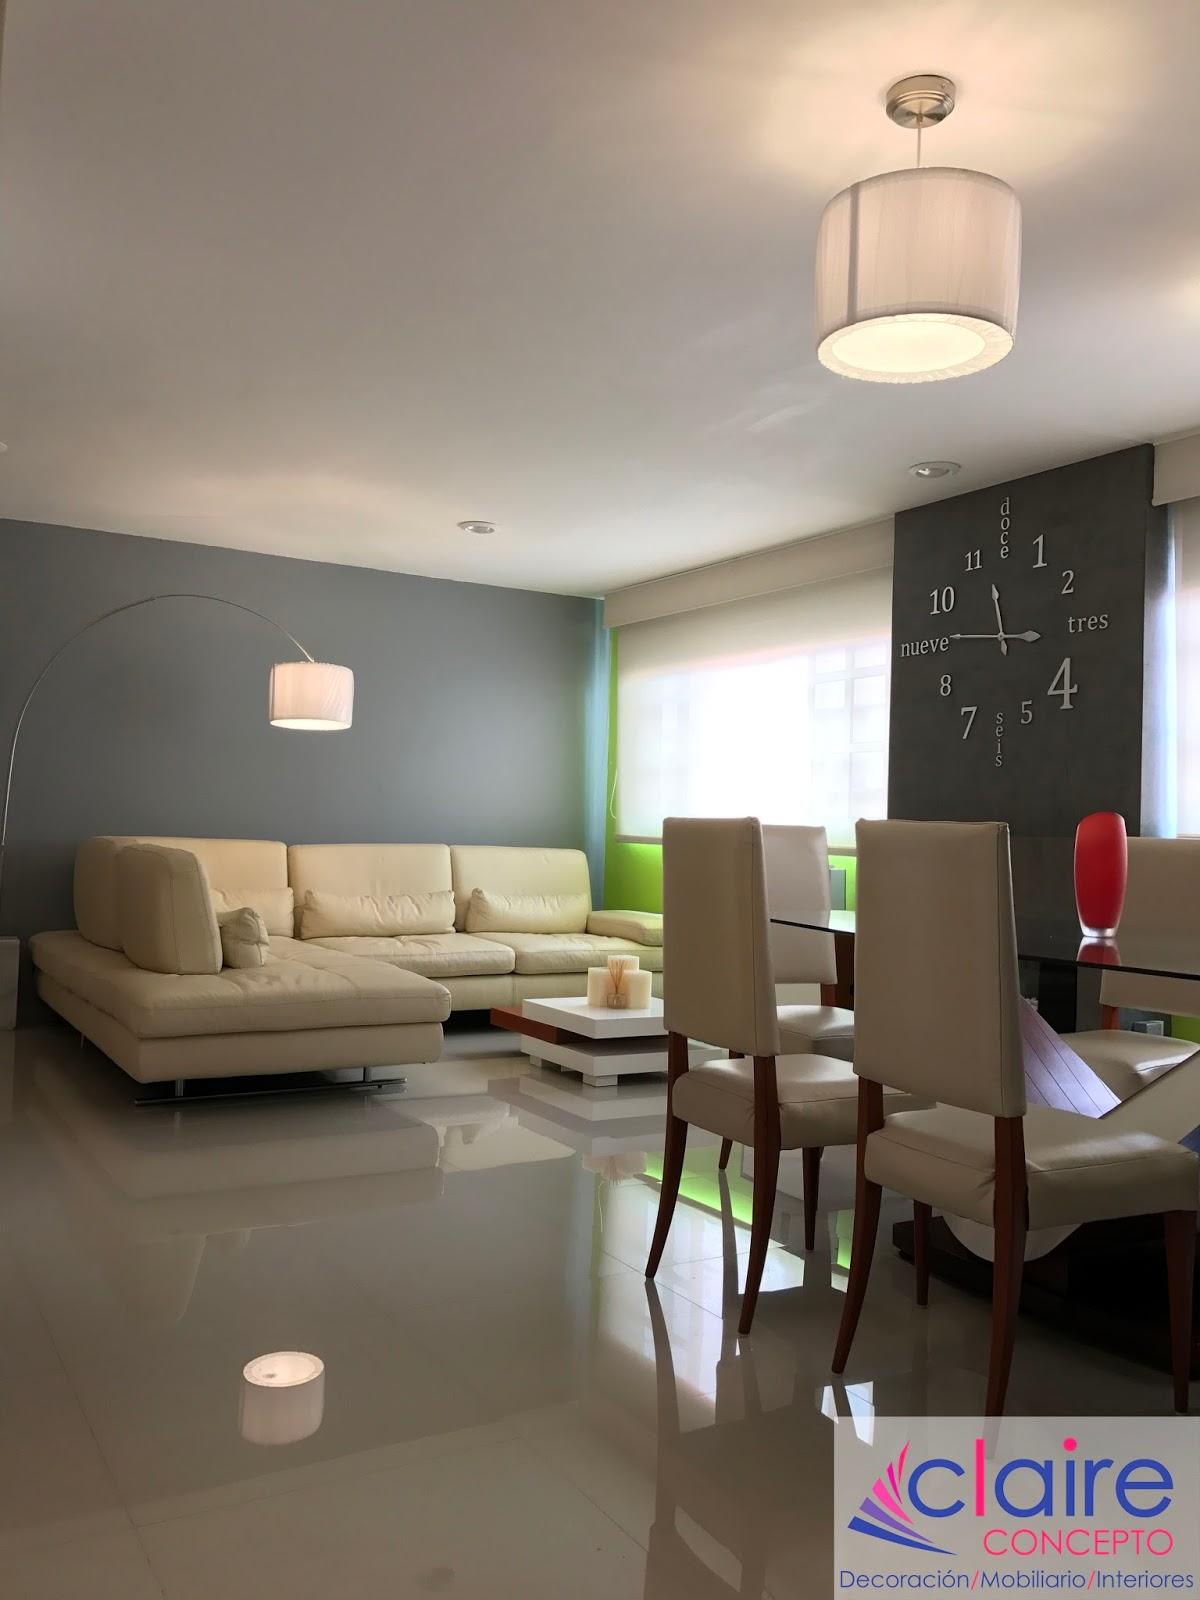 Dise o y decoraci n de interiores departamentos peque os y for Generando diseno muebles